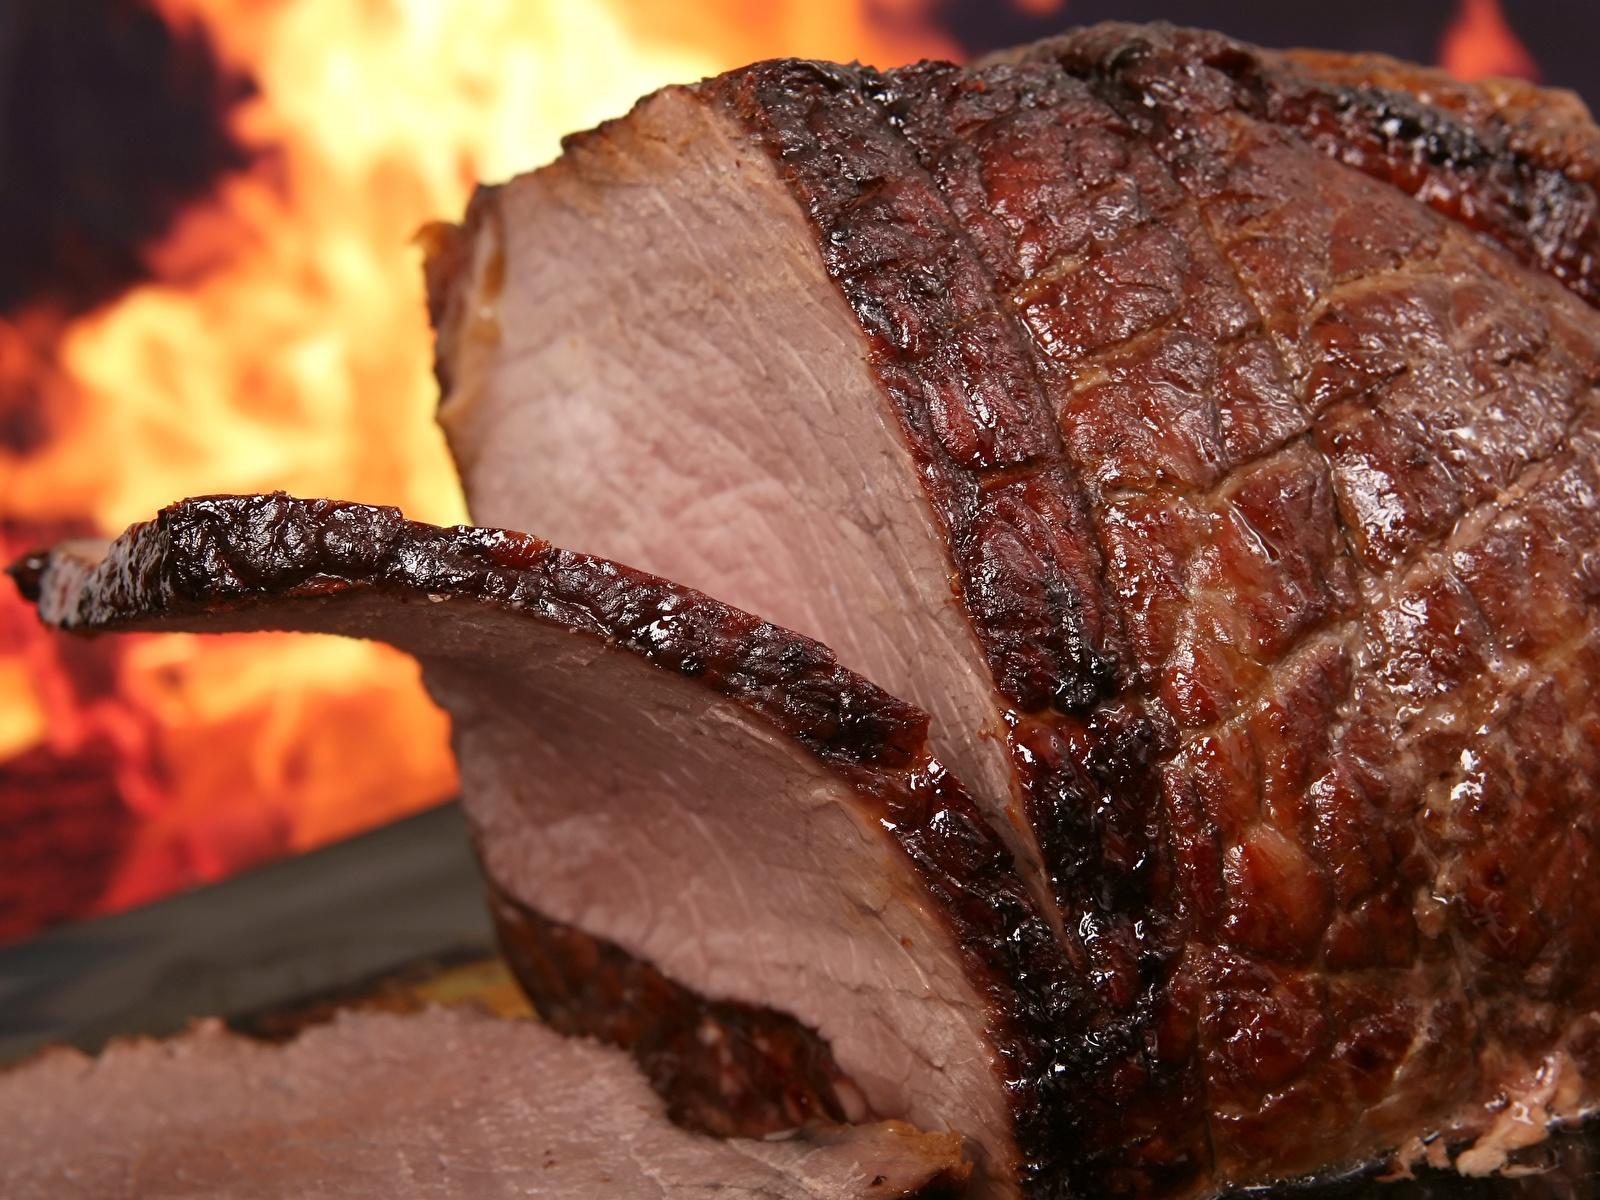 Bilder von Stück Schinken Lebensmittel Nahaufnahme 1600x1200 stücke das Essen hautnah Großansicht